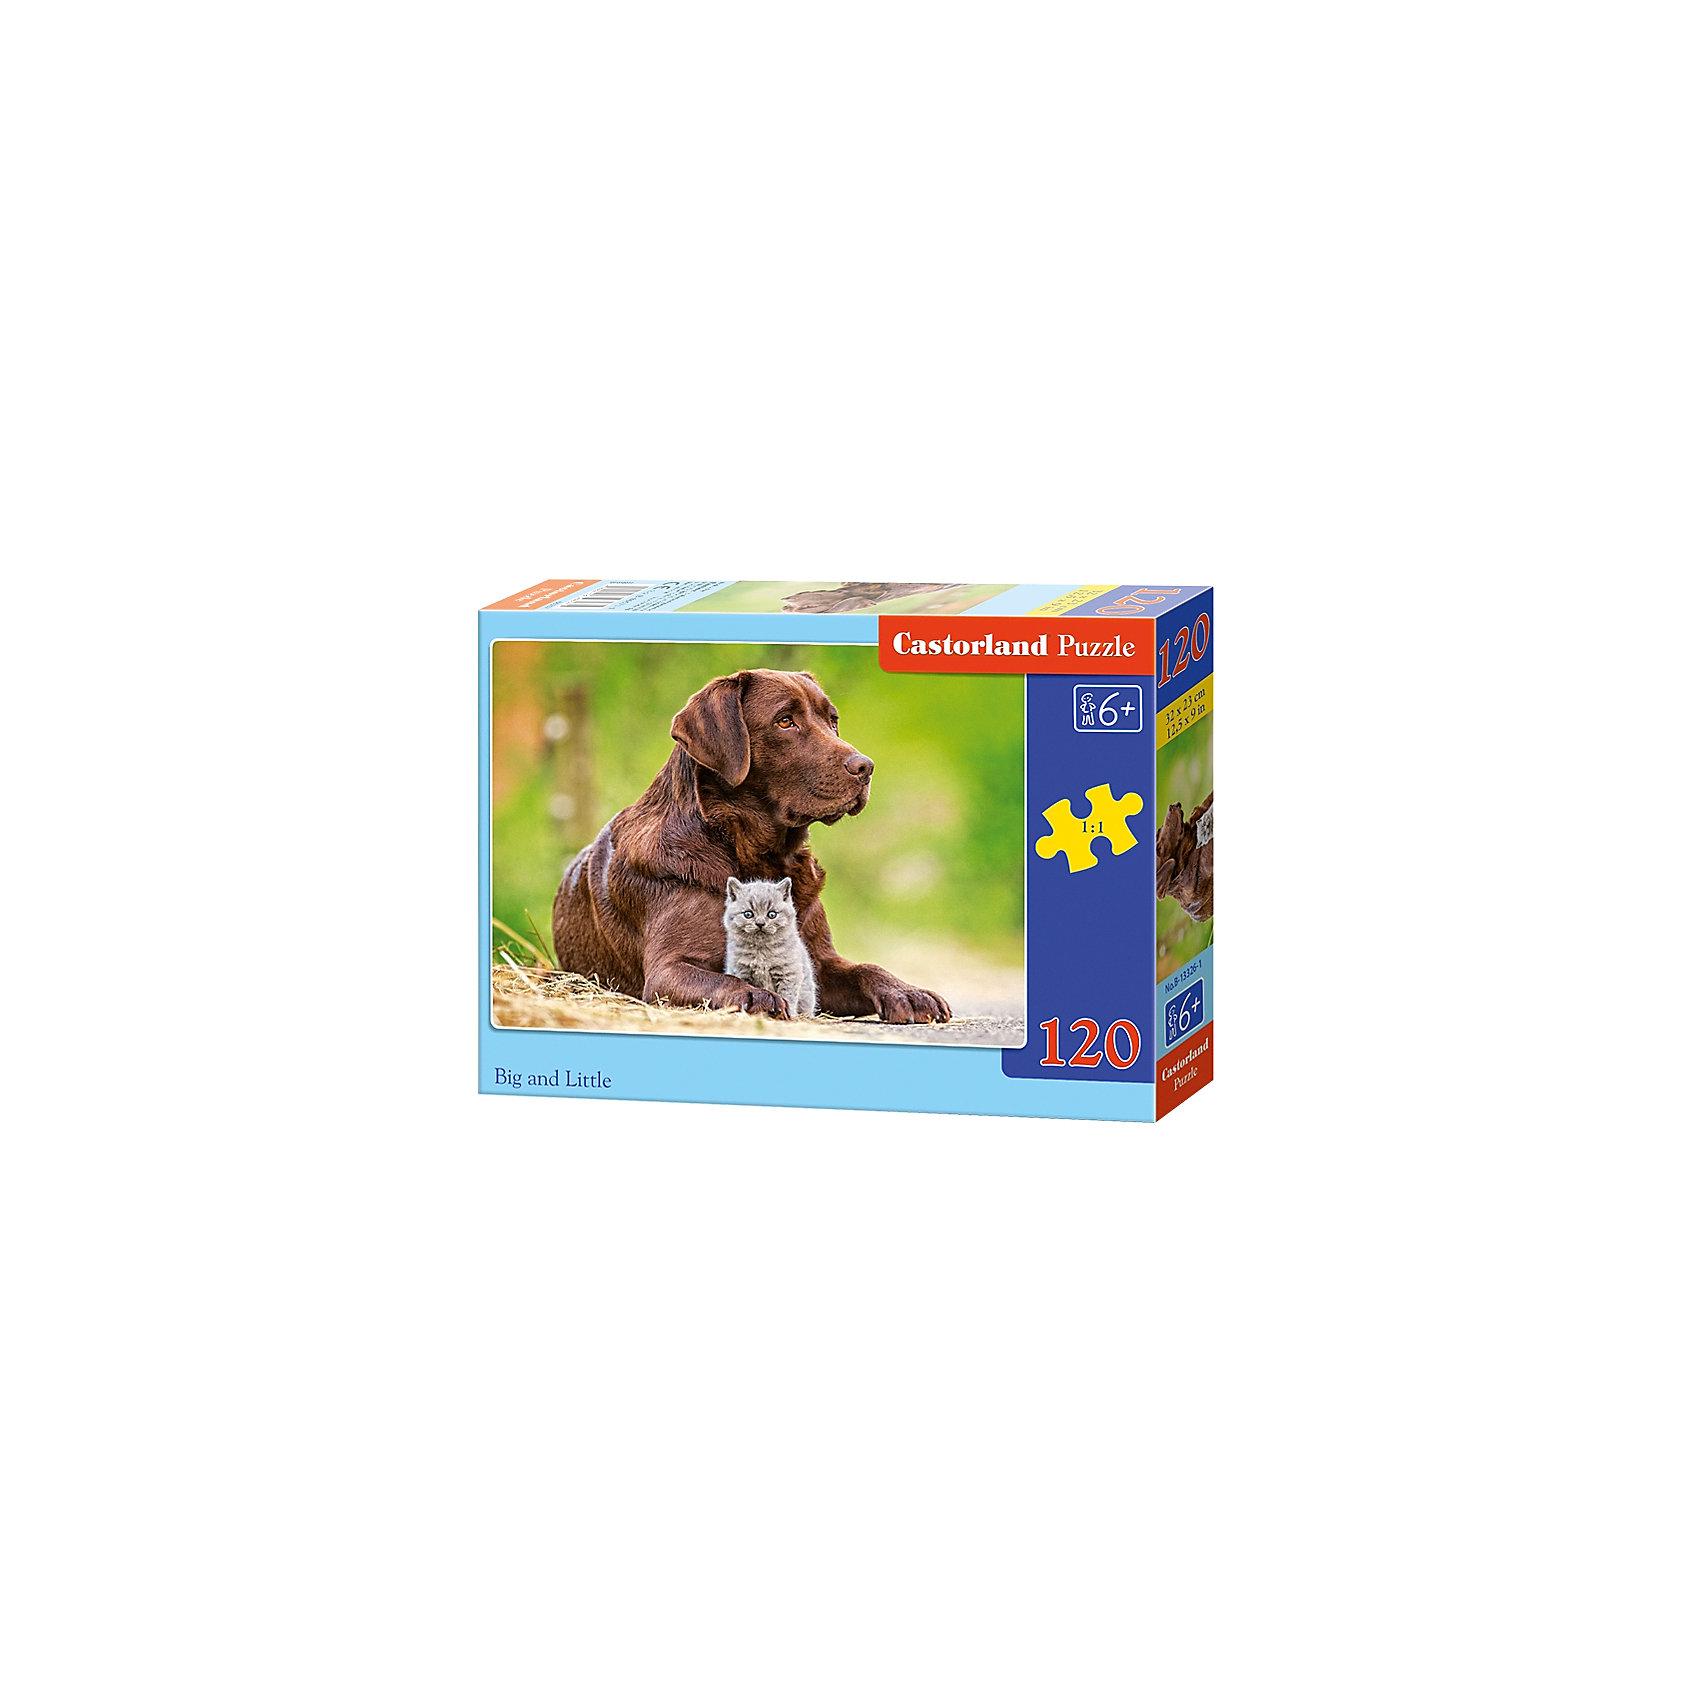 Пазл Castorland Большой и маленький, 120 деталейПазлы для детей постарше<br>Характеристики:<br><br>• возраст: от 6 лет<br>• количество деталей: 120 шт.<br>• размер собранного пазла: 32х23 см.<br>• материал: картон<br>• упаковка: картонная коробка<br>• размер упаковки: 17,5x3,7x13 см.<br>• вес: 300 гр.<br>• страна обладатель бренда: Польша<br><br>Пазл «Собака и котенок» от Castorland (Касторленд) отличается высоким качеством, высоким уровнем полиграфии, насыщенными цветами и идеальной стыковкой элементов. Из 120 элементов пазла ребенок соберет трогательную картинку с изображением большого пса и пушистого серого котенка.<br><br>Пазл Собака и котенок, 120 деталей, Castorland (Касторленд) можно купить в нашем интернет-магазине.<br><br>Ширина мм: 175<br>Глубина мм: 130<br>Высота мм: 37<br>Вес г: 300<br>Возраст от месяцев: 72<br>Возраст до месяцев: 2147483647<br>Пол: Унисекс<br>Возраст: Детский<br>SKU: 6725103